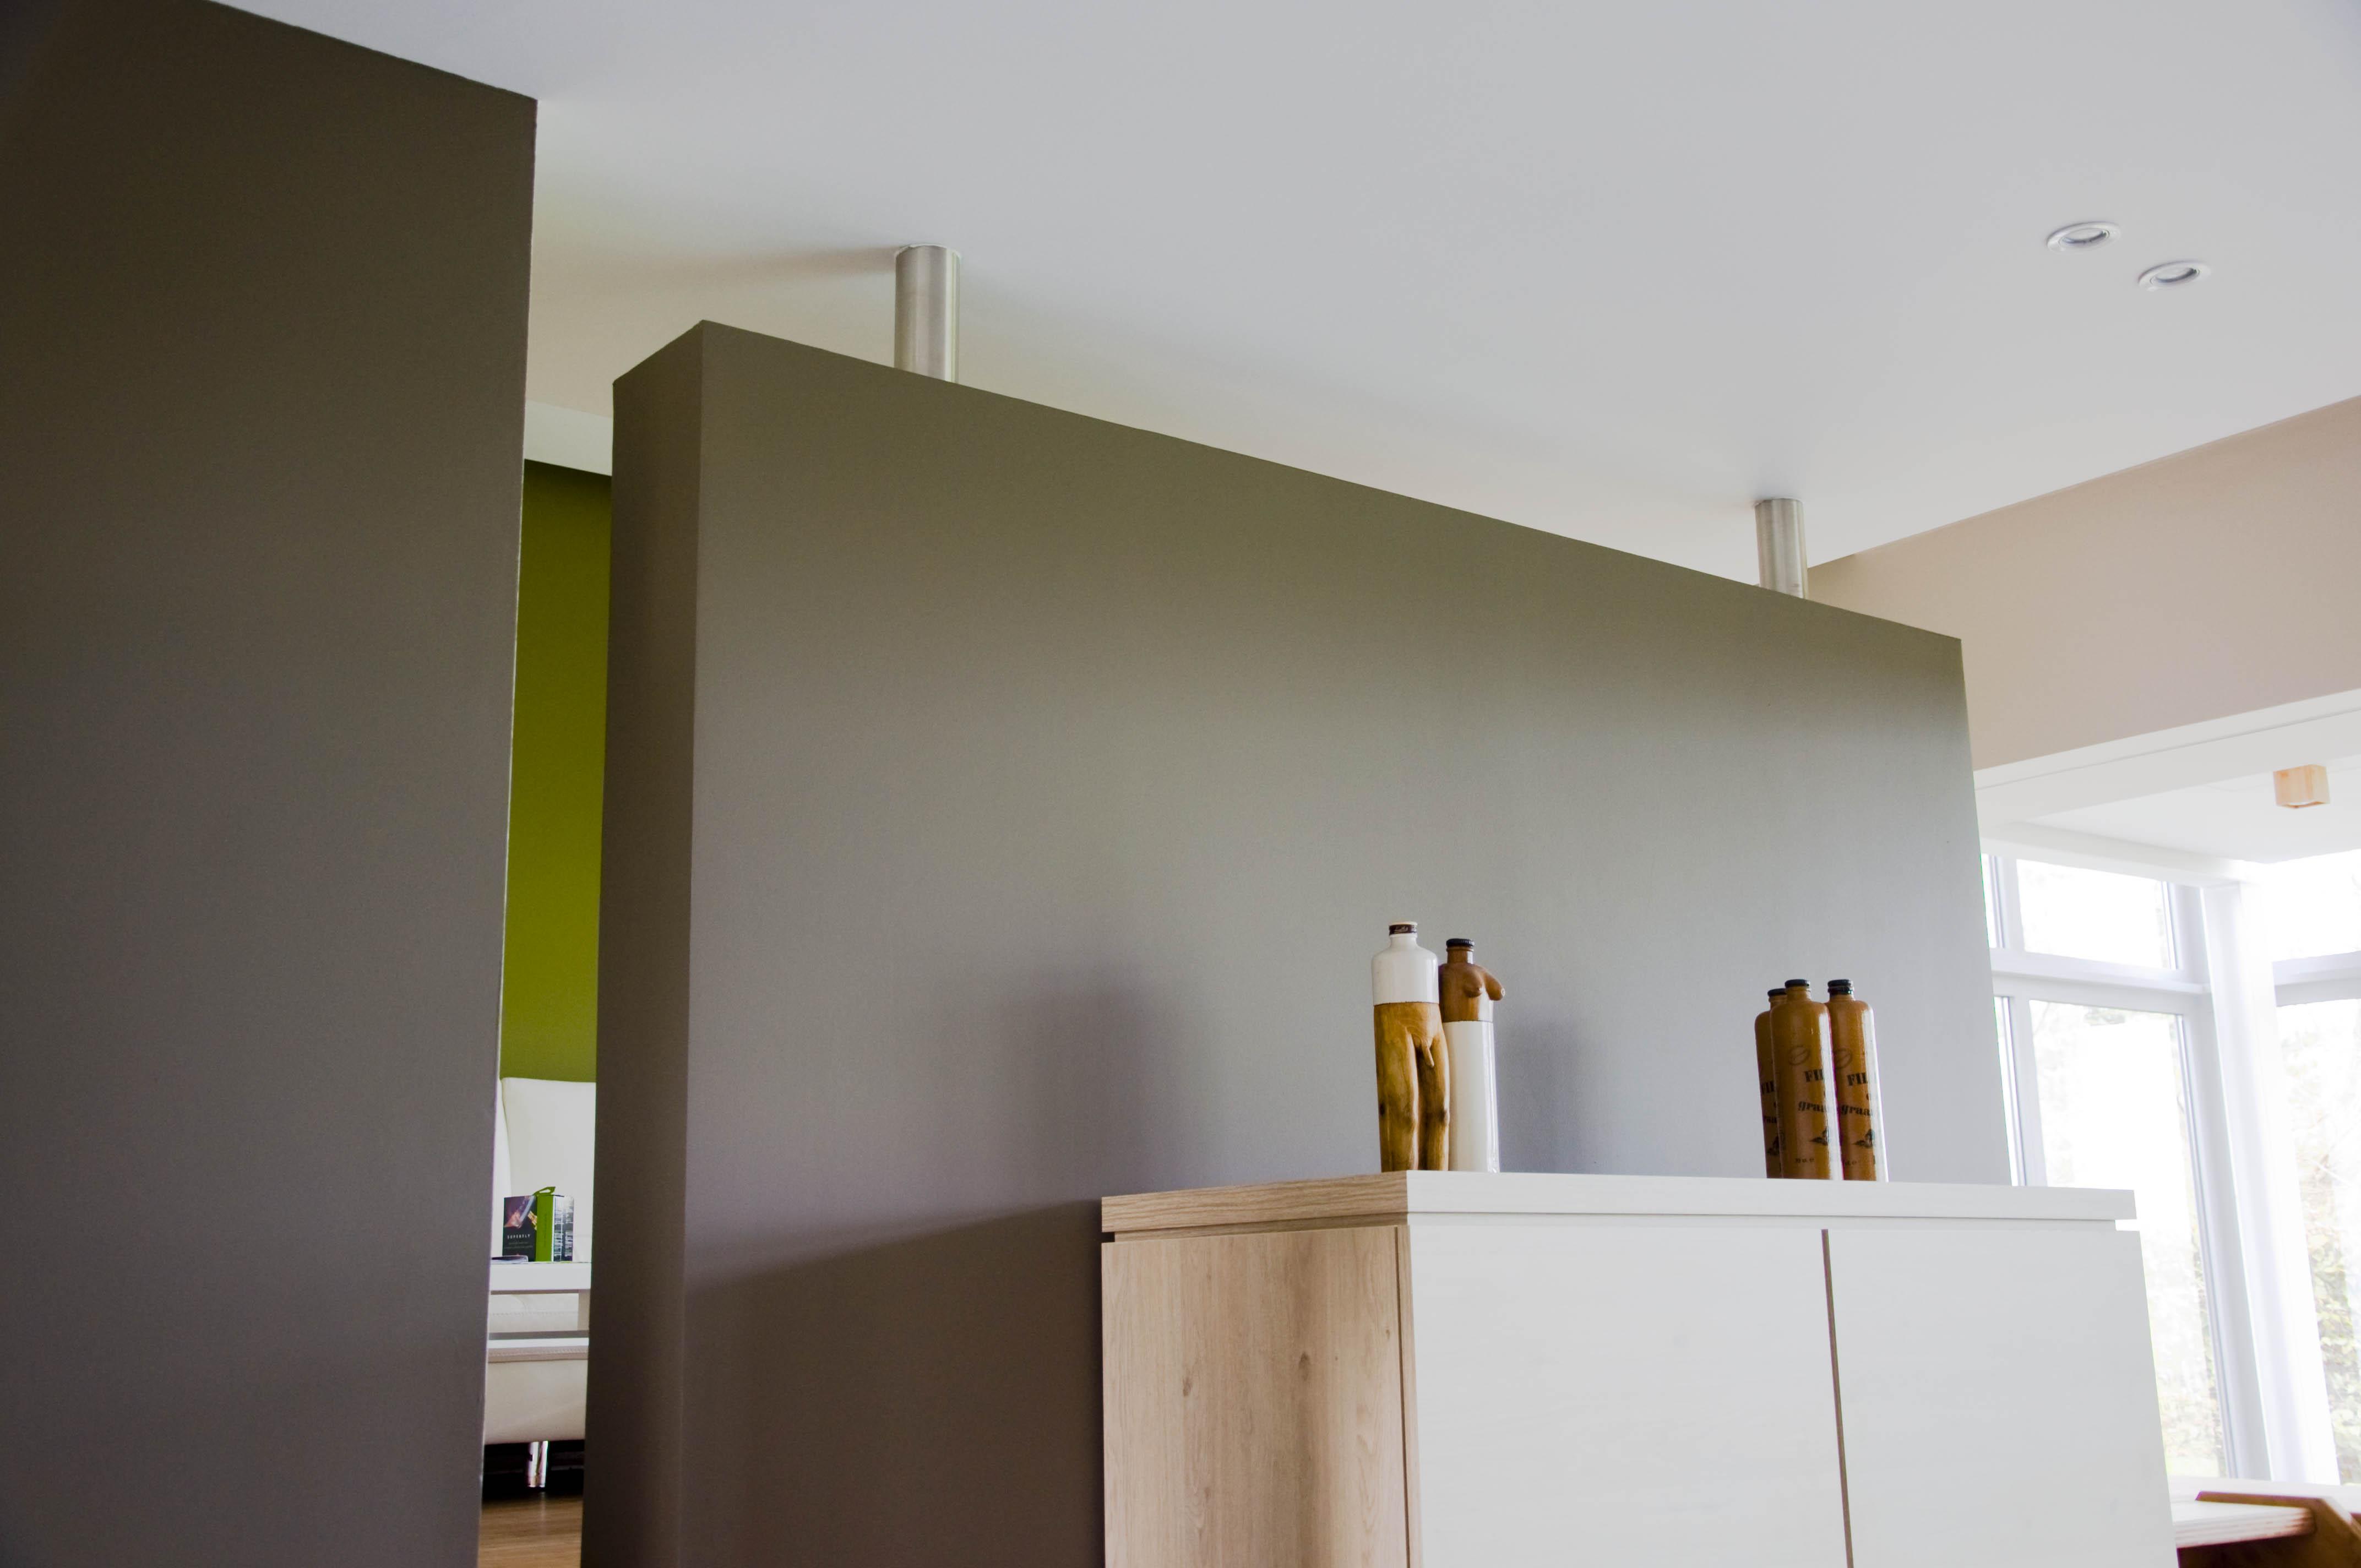 Scheidingswand Voor Slaapkamer : Artigyp : scheidingswand in privé woning in lint